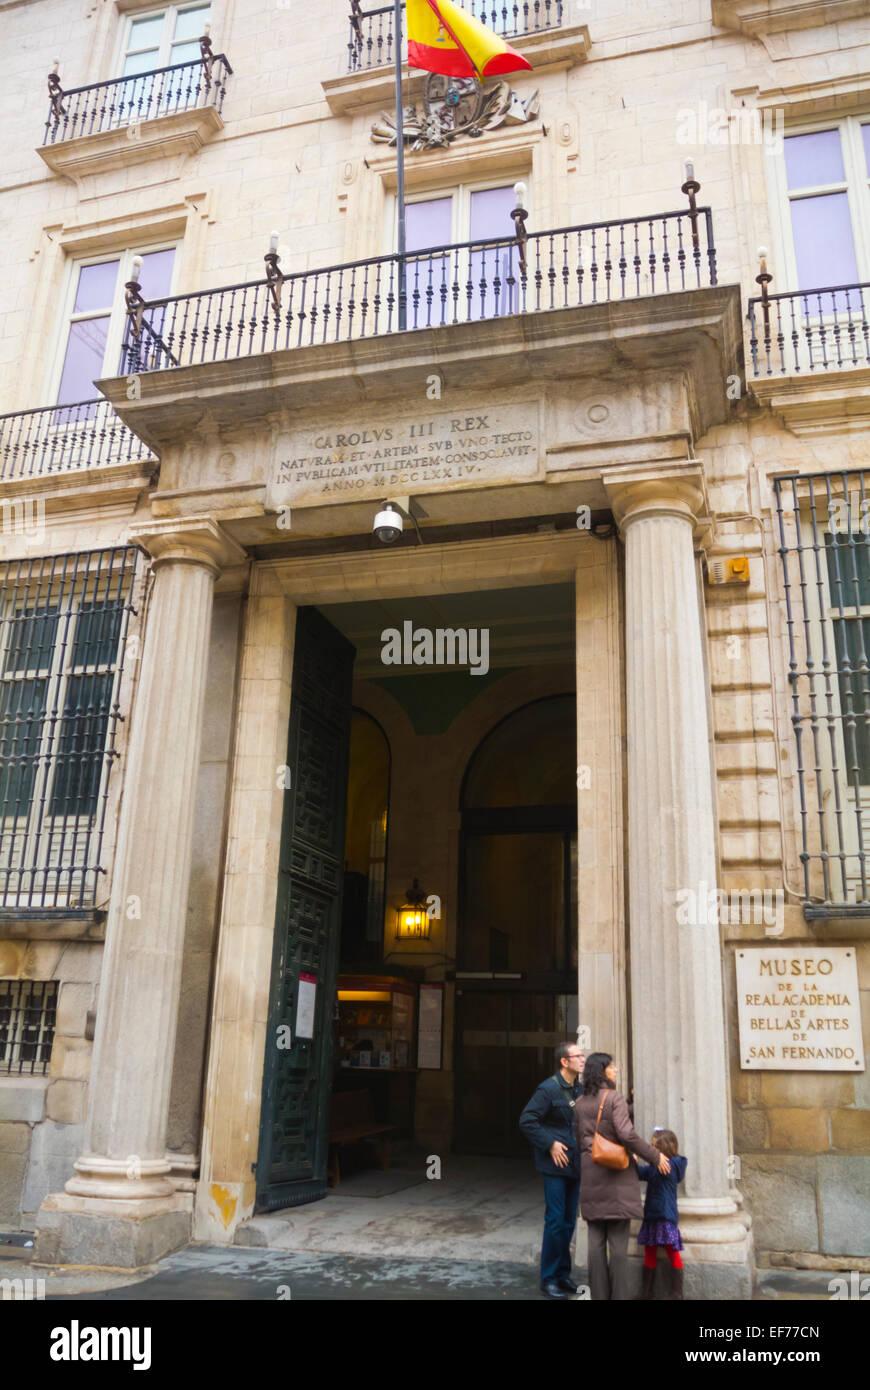 Real Academia de Bellas Artes de San Fernando, art museum, Madrid, Spain - Stock Image